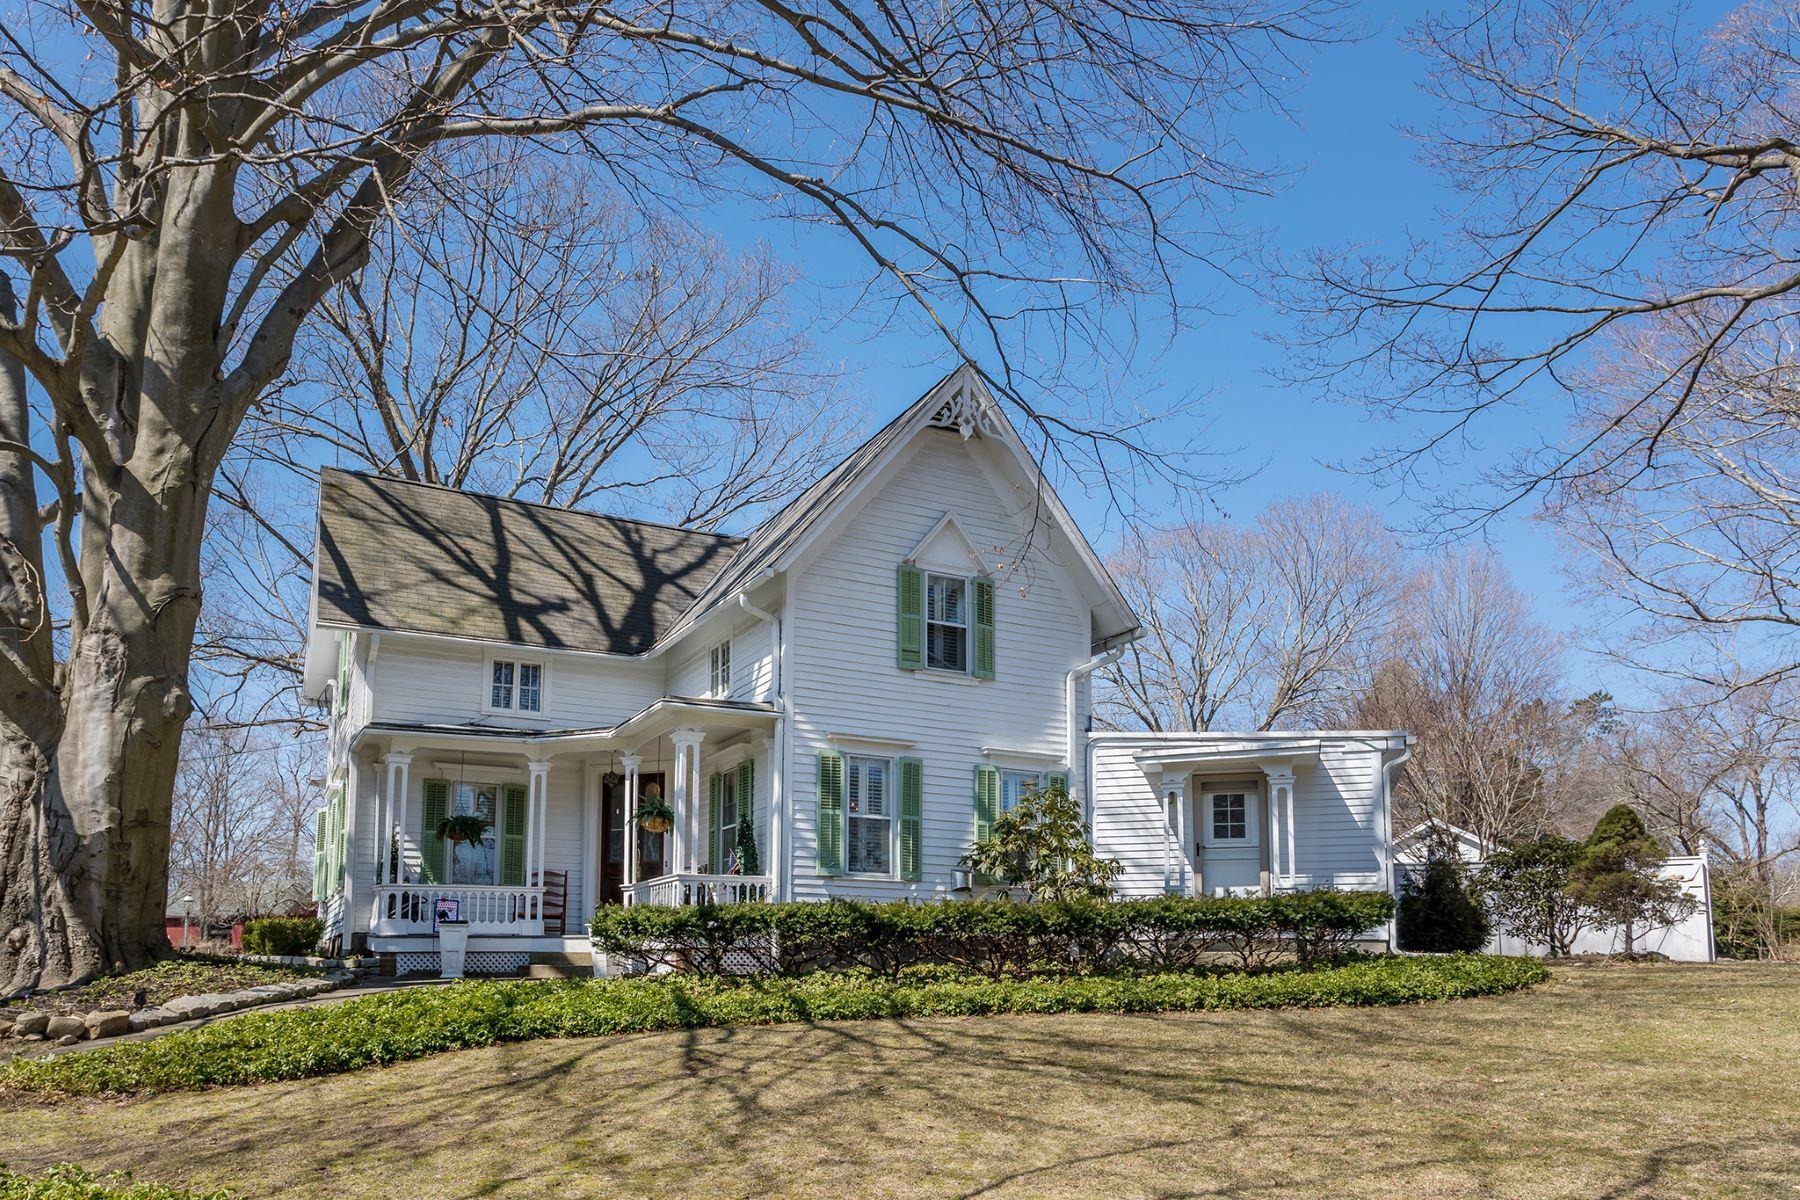 Μονοκατοικία για την Πώληση στο Enchanting Victorian 42 Main Street South, Woodbury, Κονεκτικατ 06798 Ηνωμένες Πολιτείες